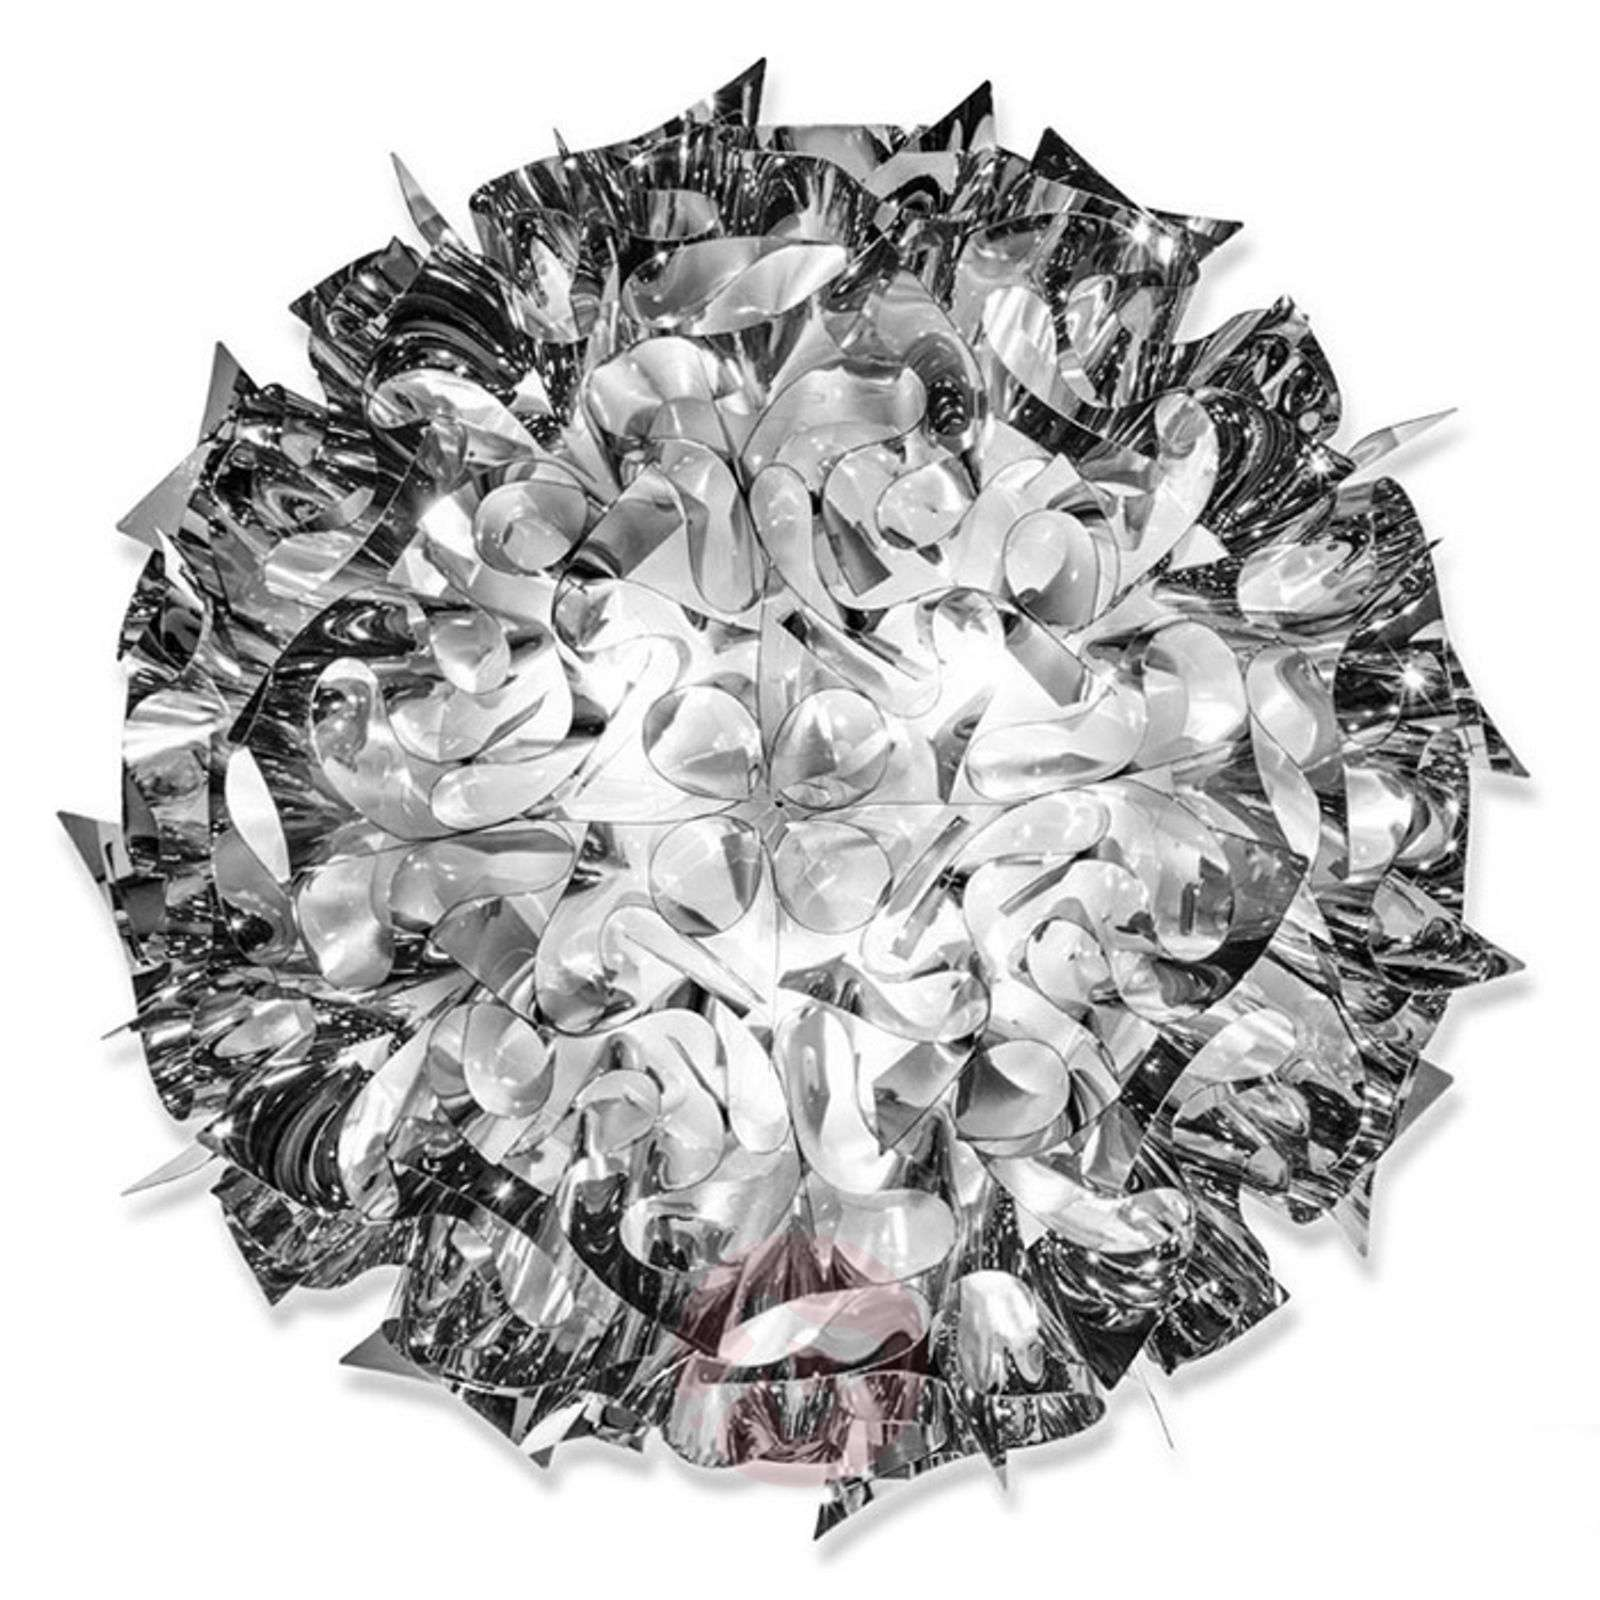 78cm diameter Veli Large ceiling light in silver-8503215-01